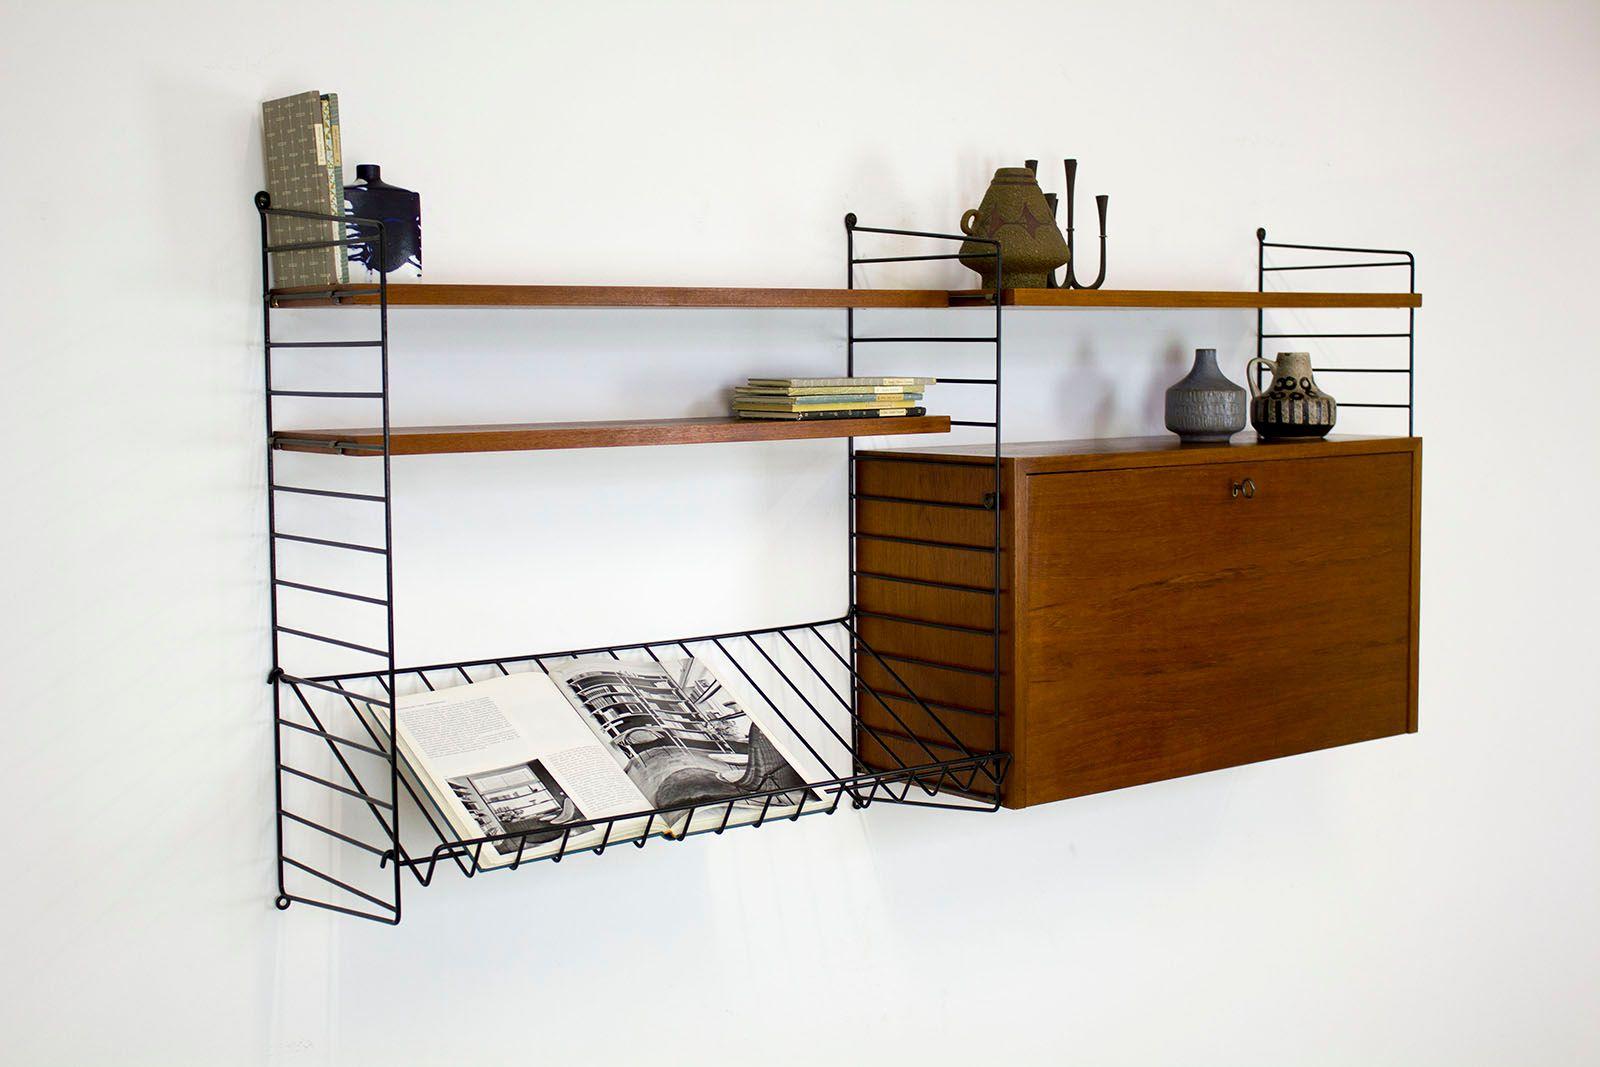 syst me d 39 tag re avec meuble bar par nisse strinning pour string 1960s en vente sur pamono. Black Bedroom Furniture Sets. Home Design Ideas